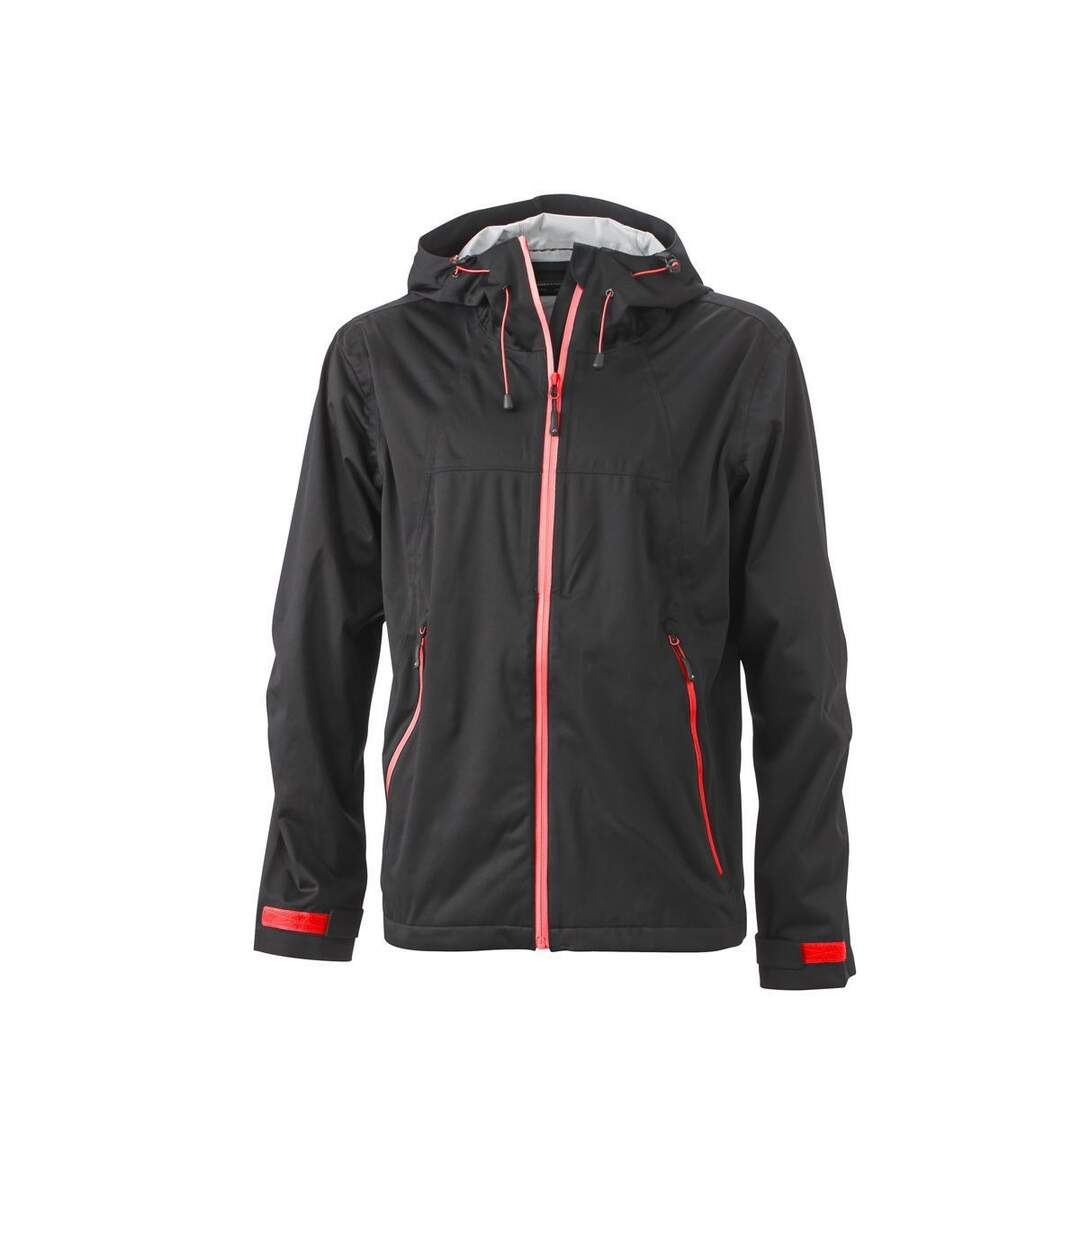 Veste softshell à capuche - homme JN1098 noir rouge - coupe-vent imperméable